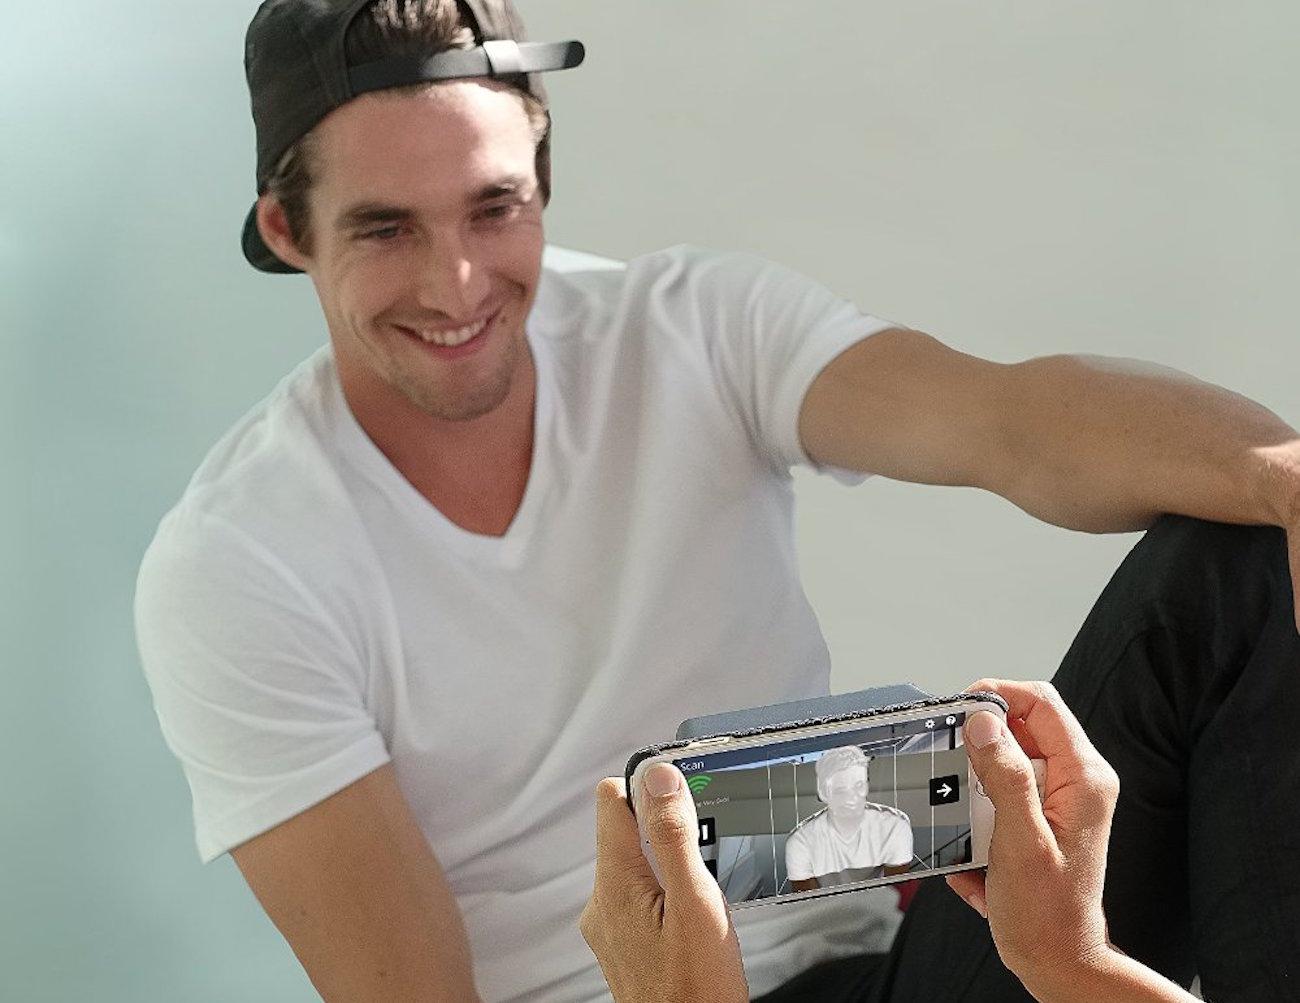 isense-3d-scanner-kit-for-iphone-03